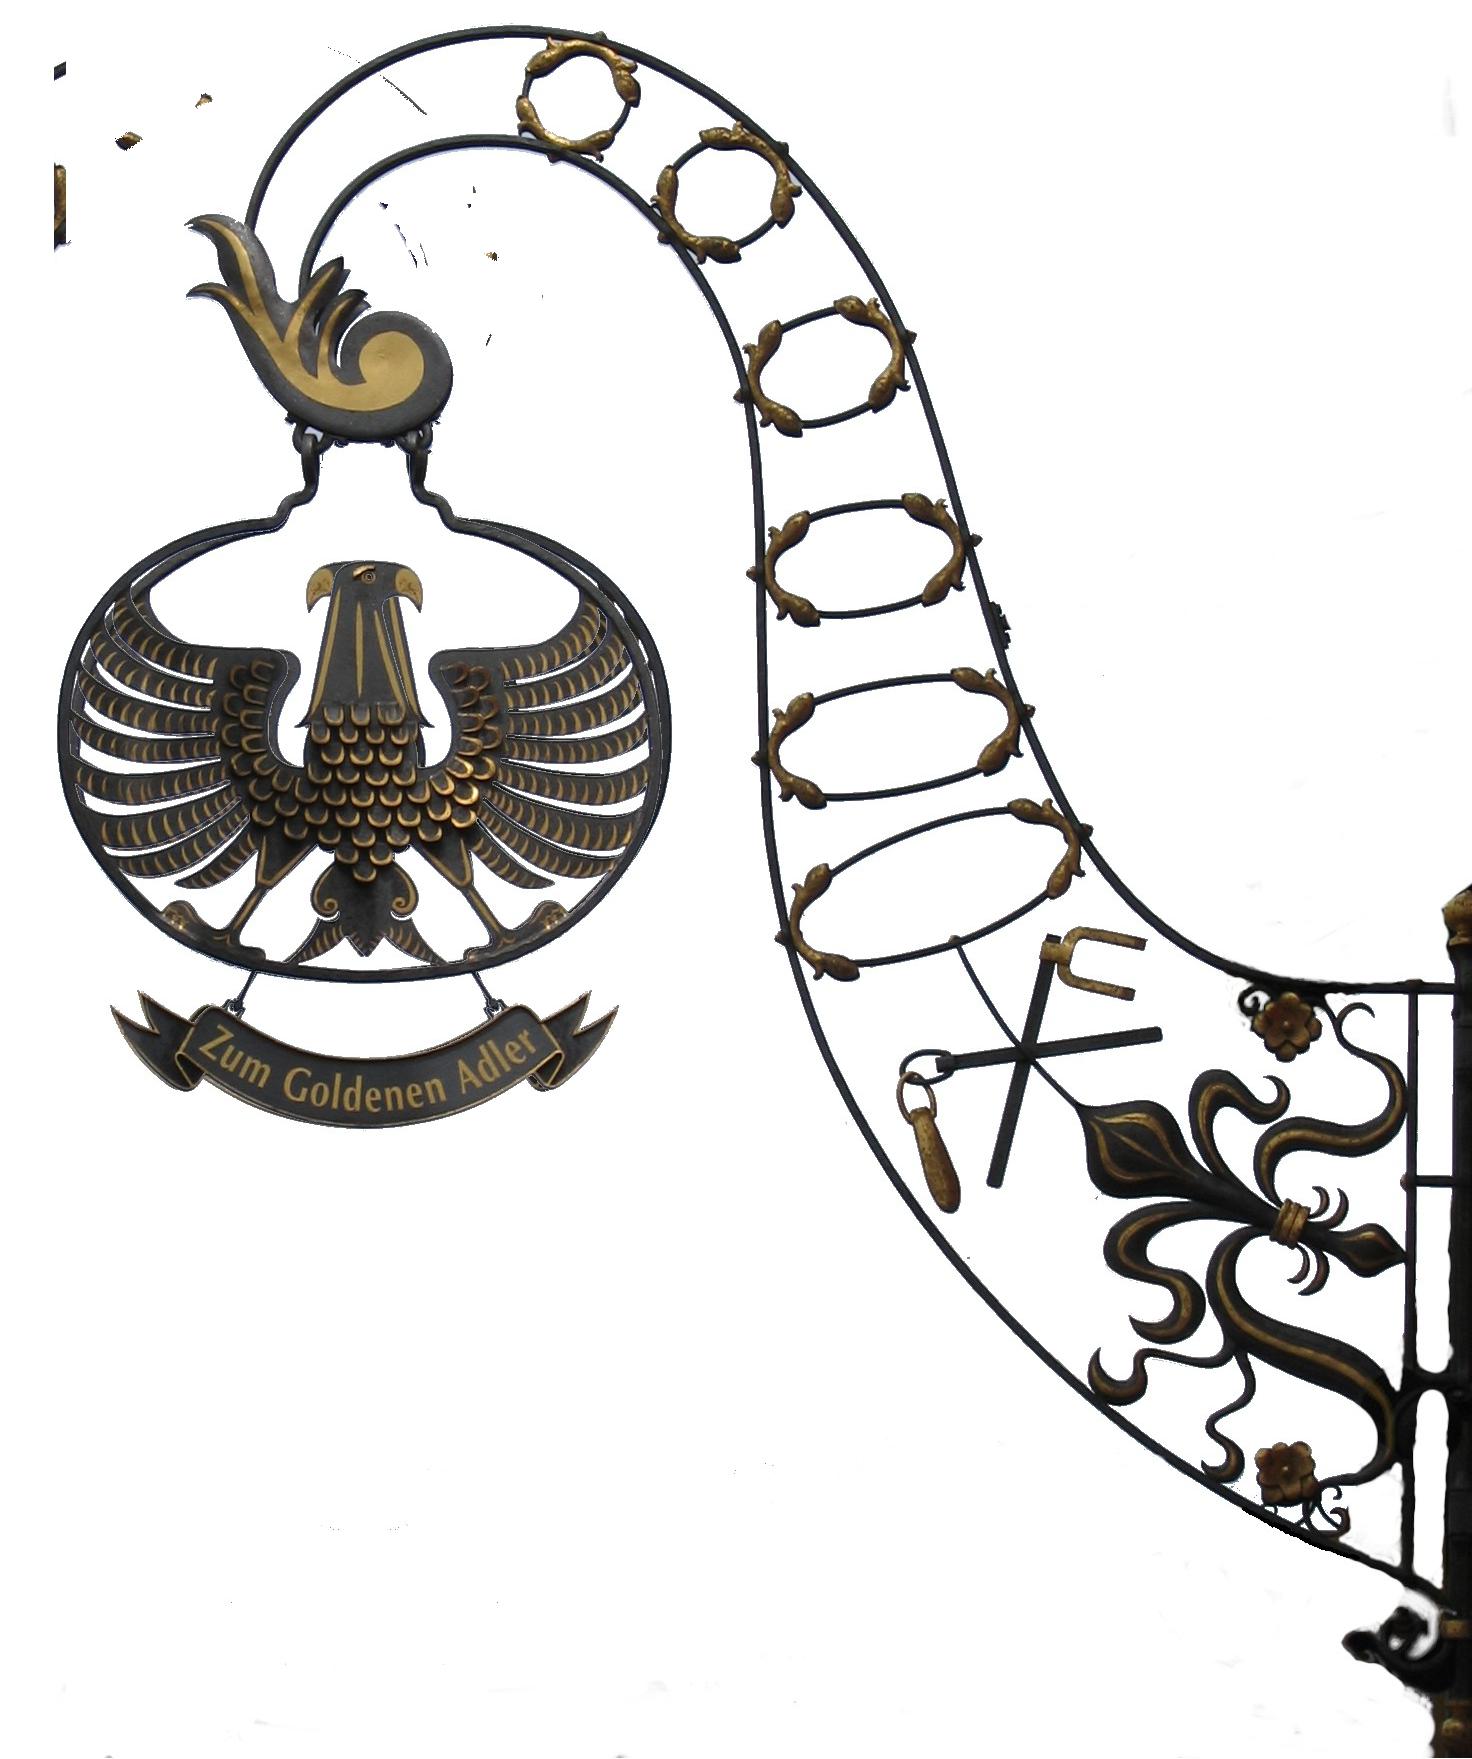 Goldener Adler Ausleger